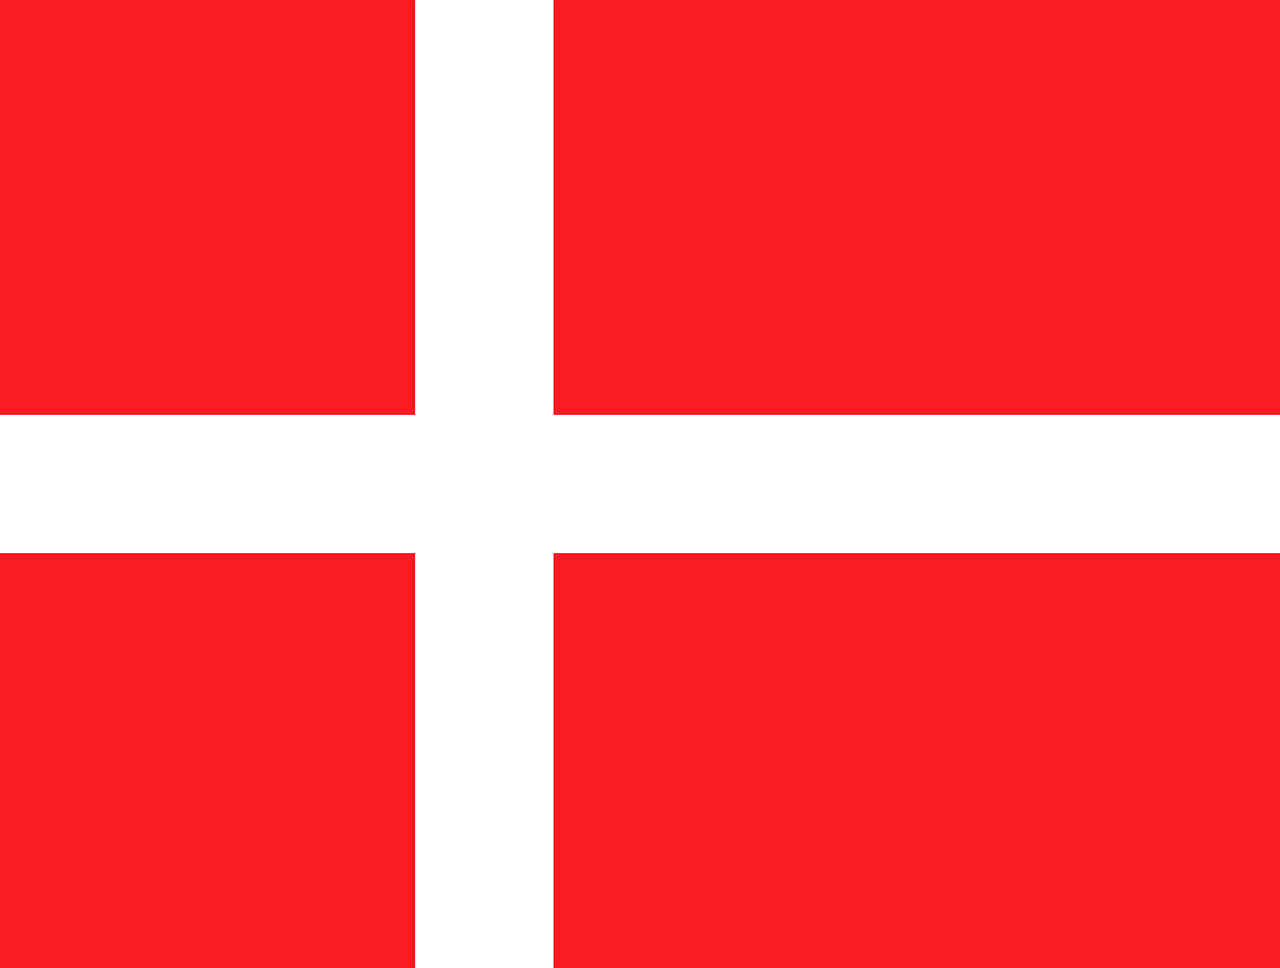 Reforma podatkowa i nowe miejsca pracy w Danii